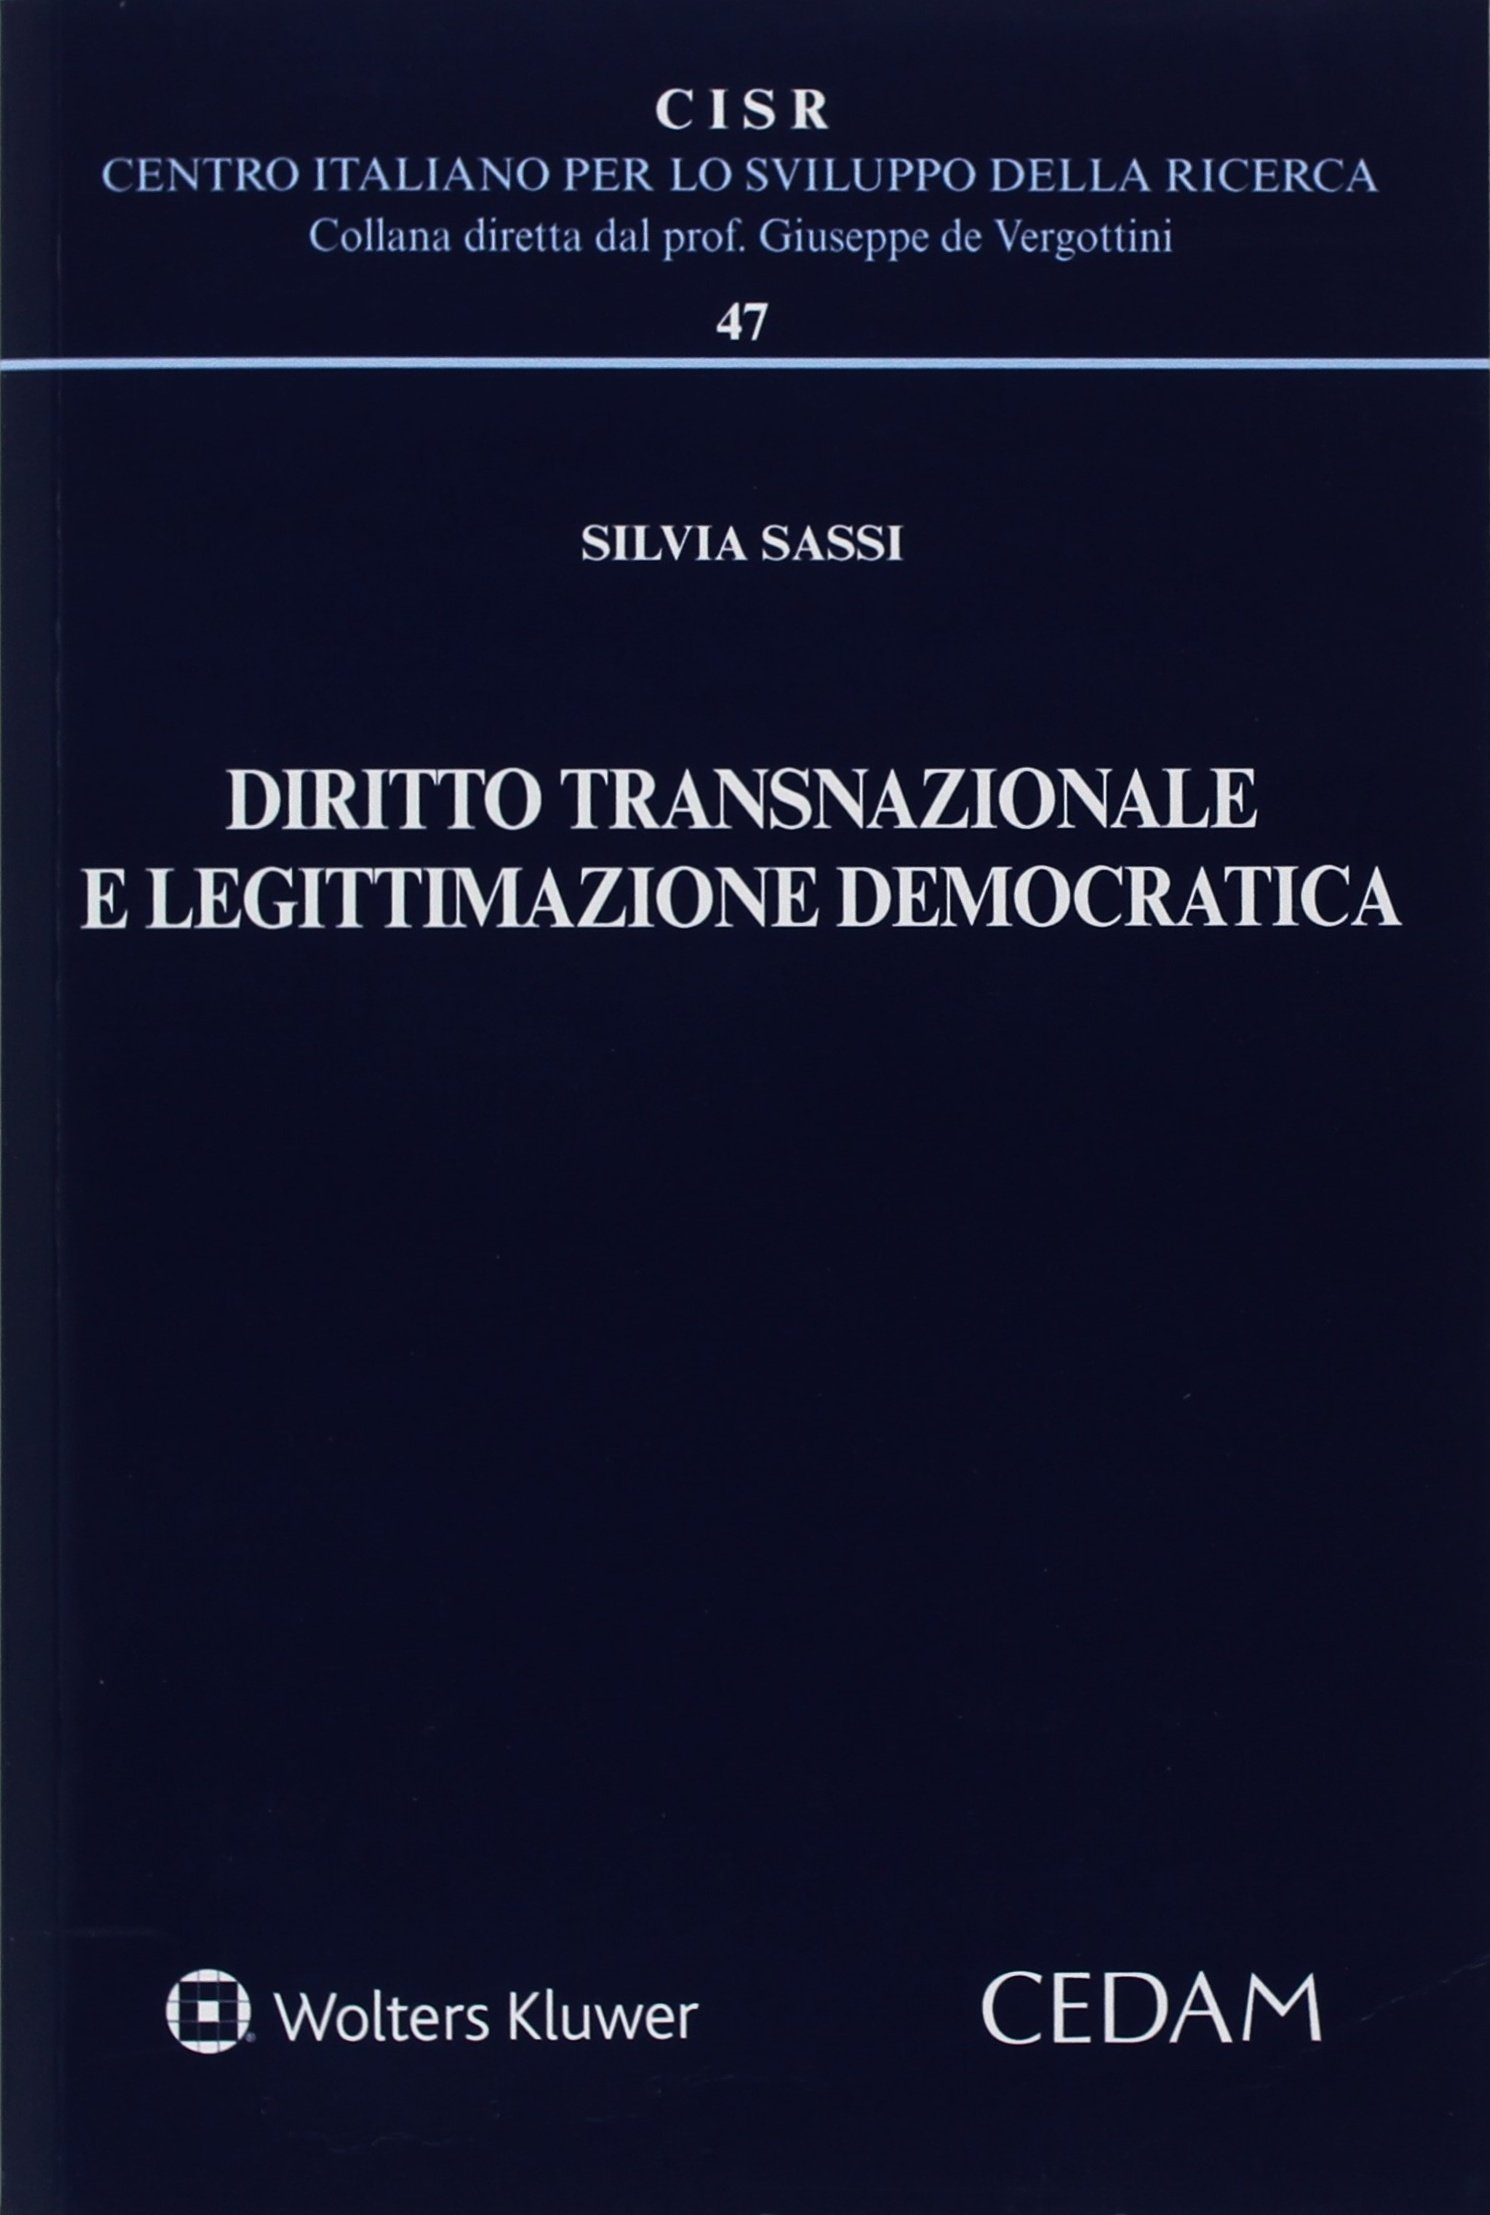 Diritto transnazionale e legittimazione democratica Copertina flessibile – 3 apr 2018 Silvia Sassi CEDAM 8813365632 DIRITTO INTERNAZIONALE